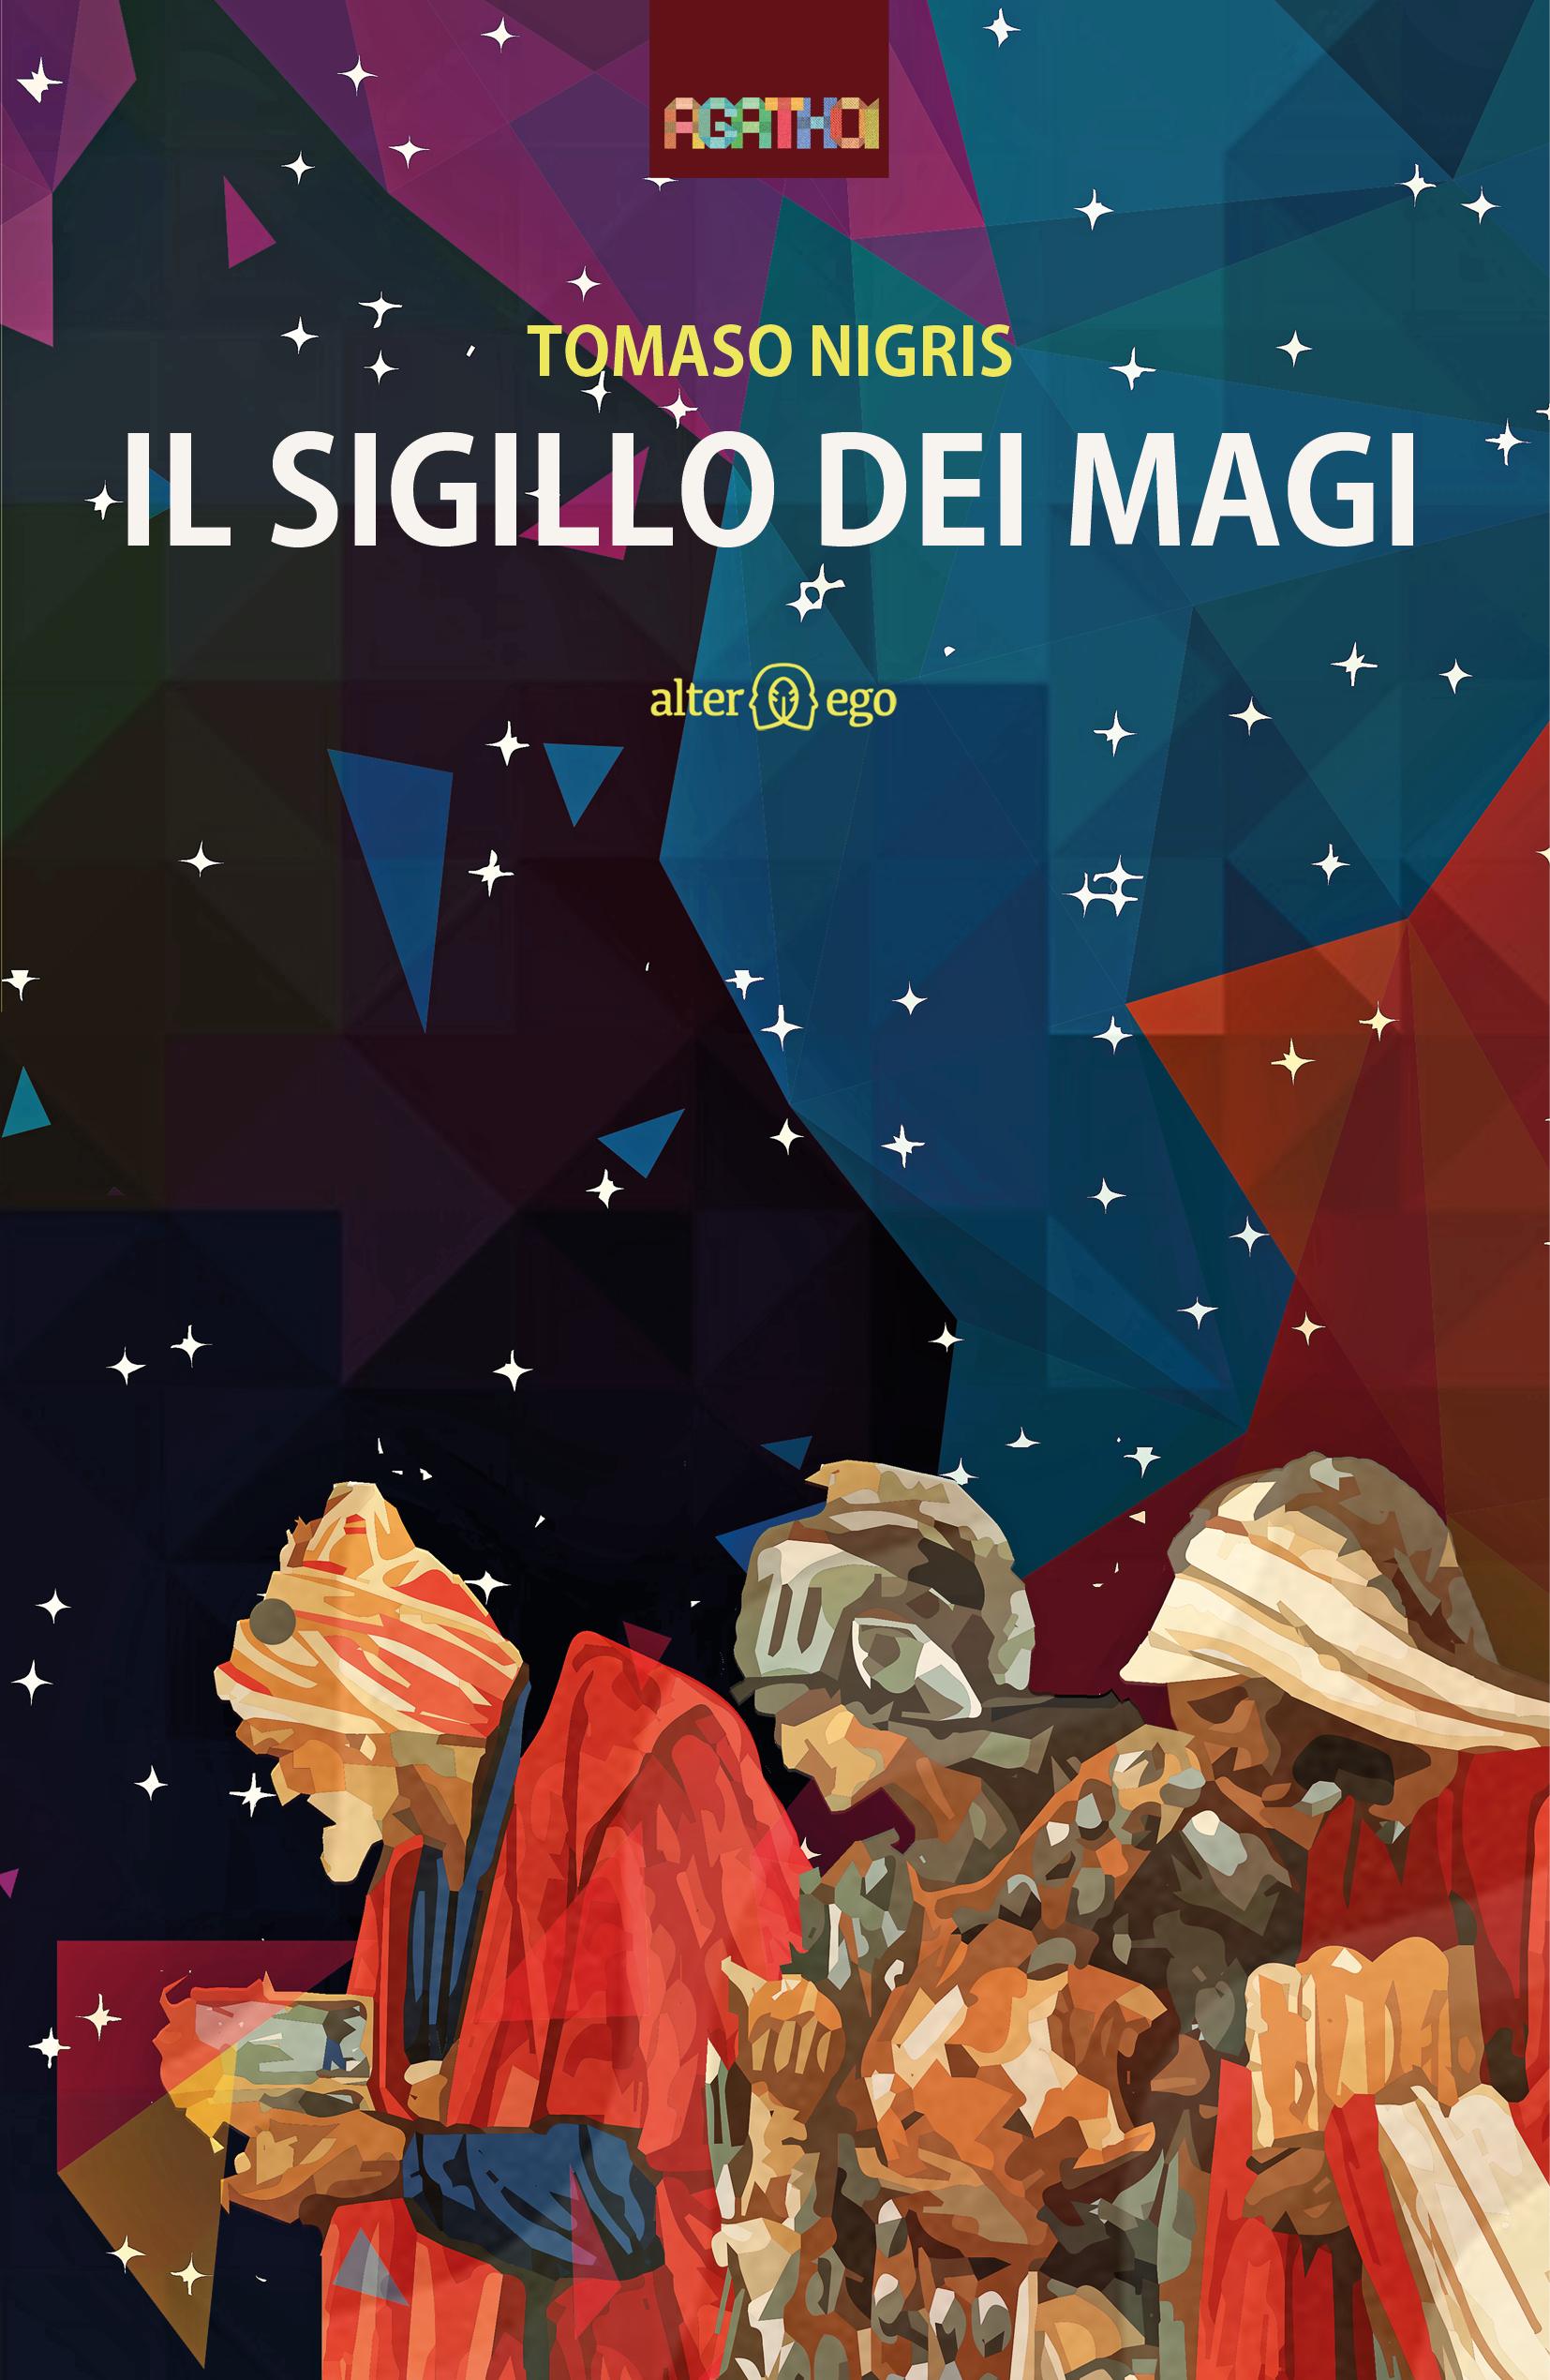 piatto_Il_sigillo_dei_magi